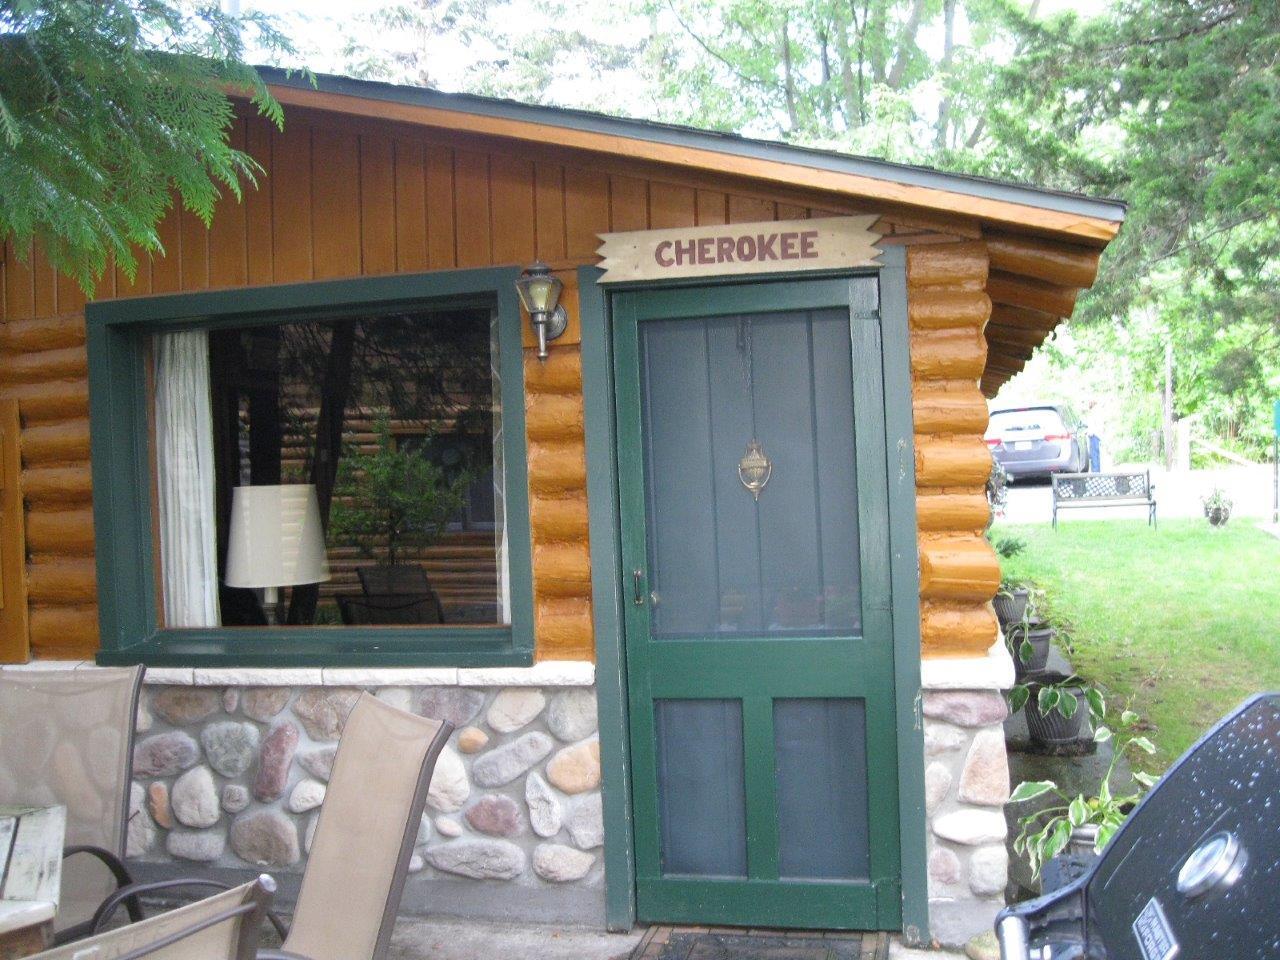 3 Cherokee entrance